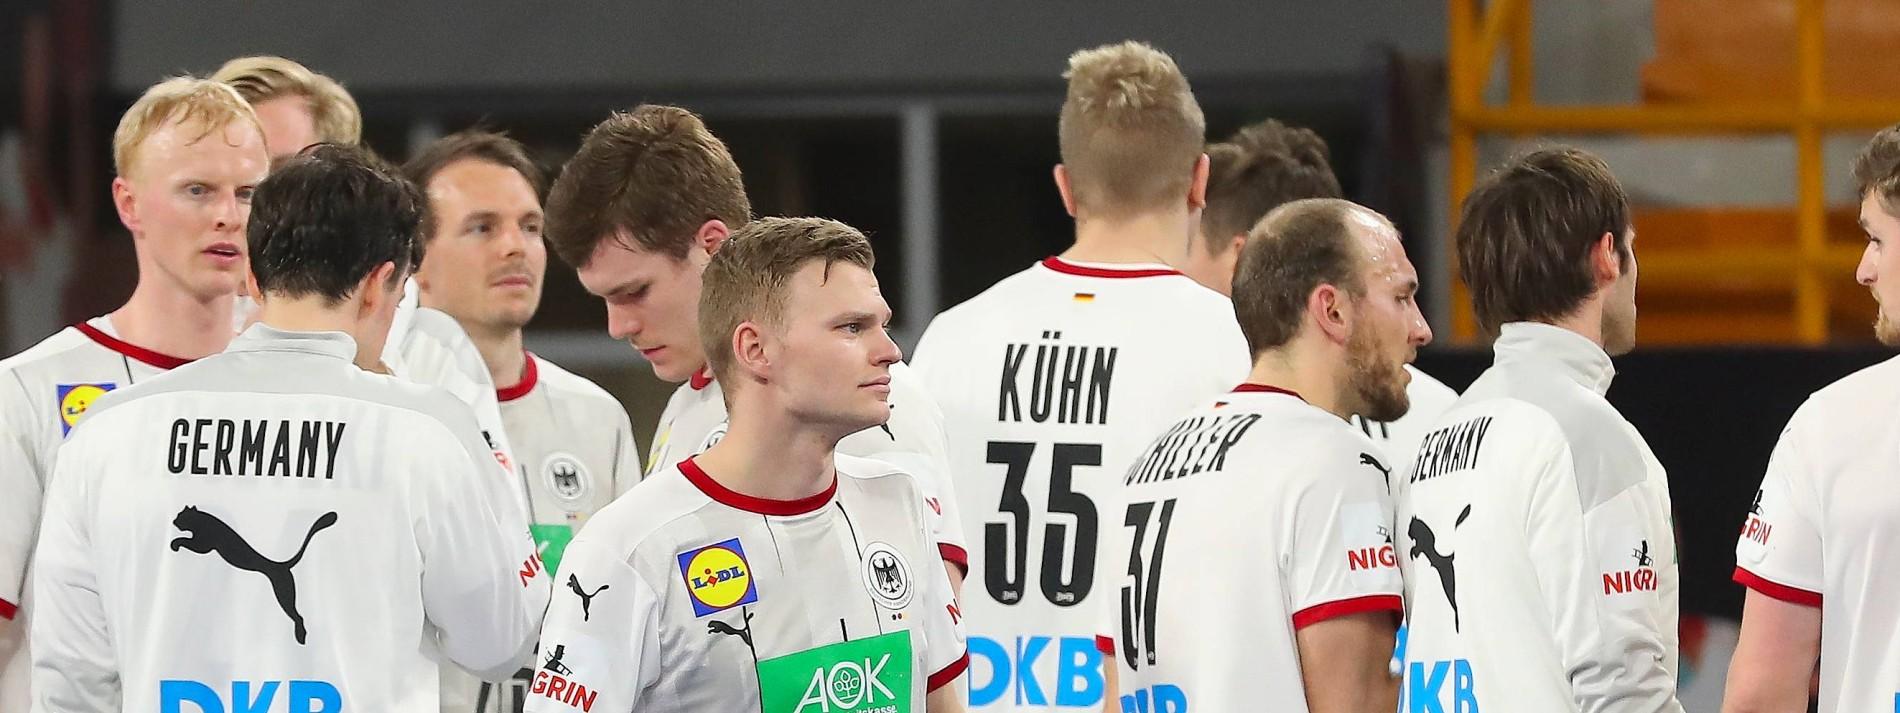 Letzte Frustaktion der deutschen Handballer